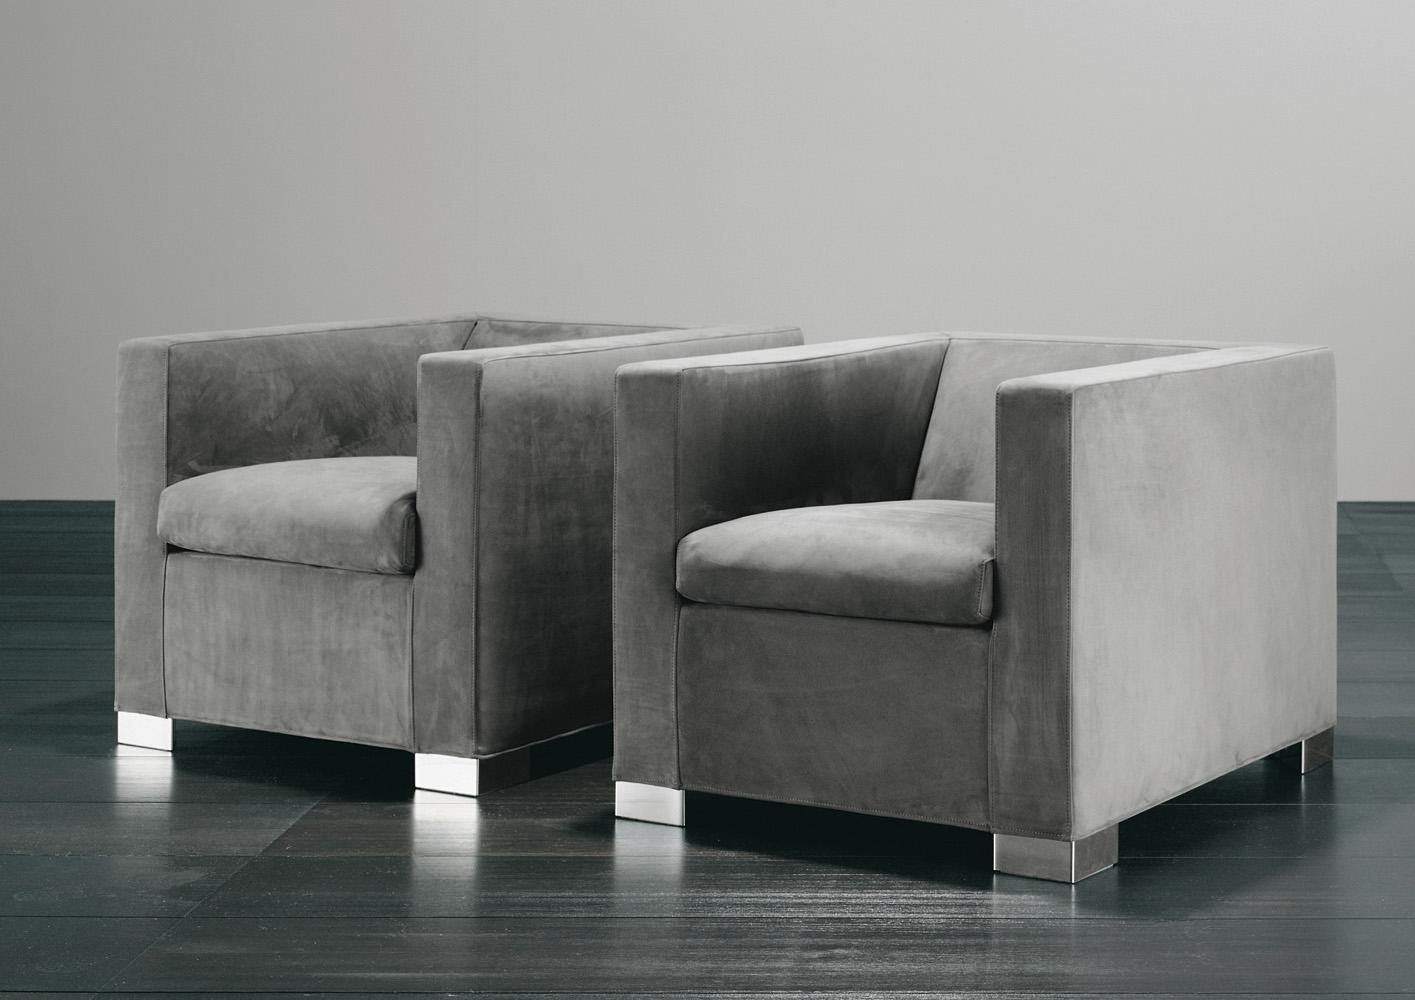 תמונה של כורסא מעוצבת דגם אריסטו